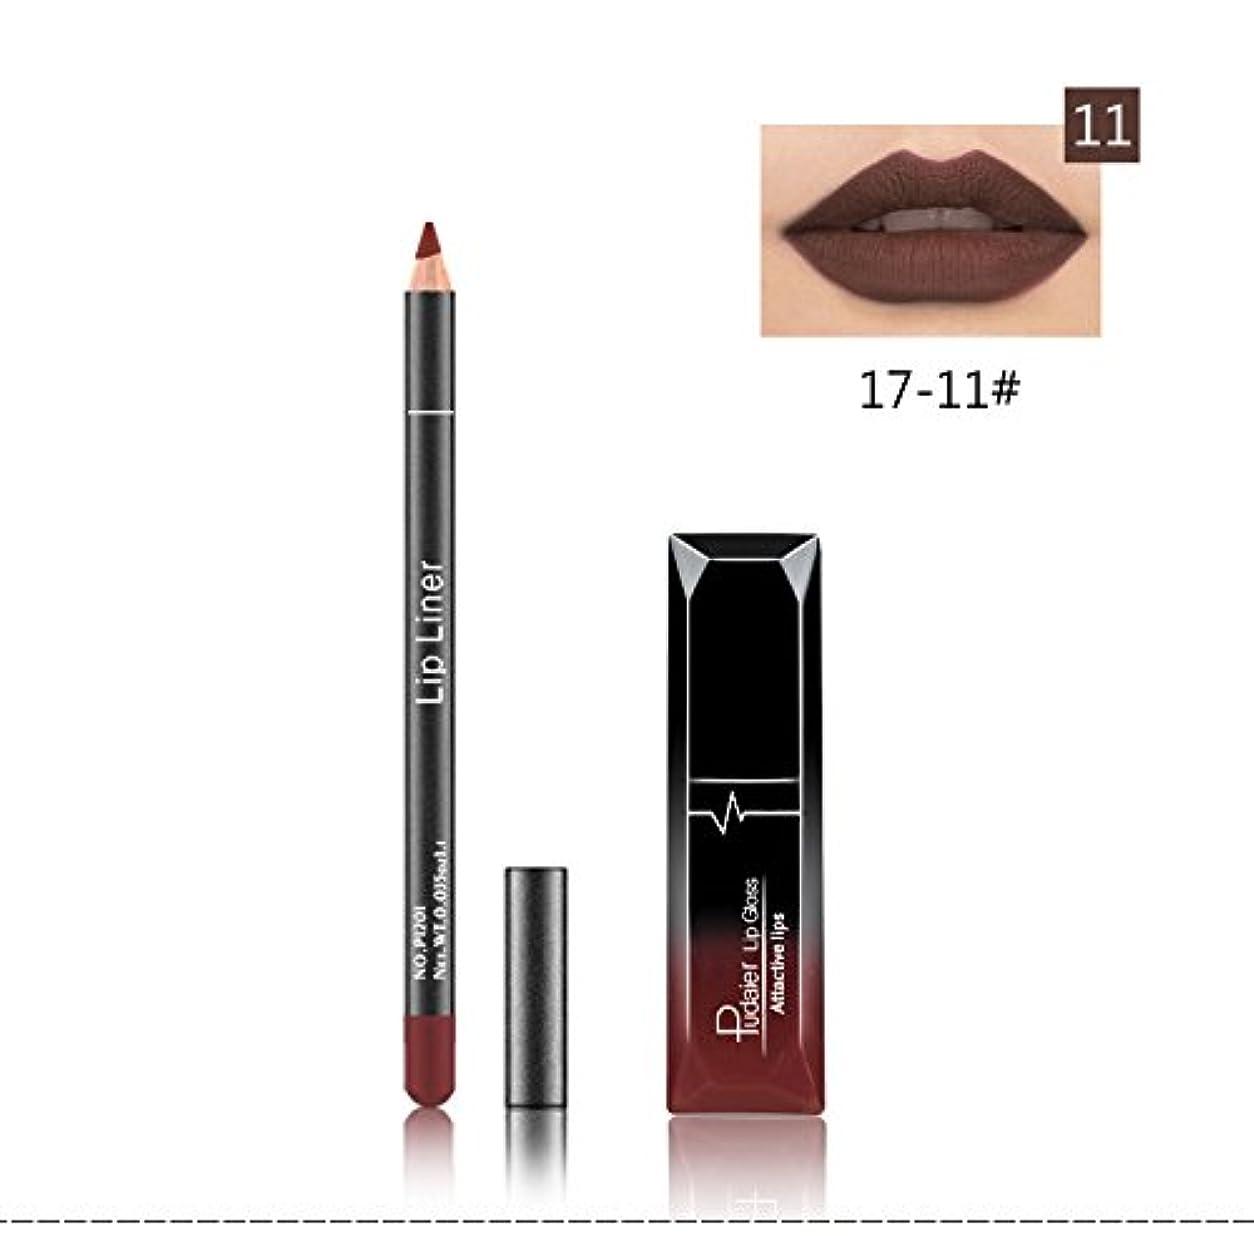 顔料つまらない脱臼する(11) Pudaier 1pc Matte Liquid Lipstick Cosmetic Lip Kit+ 1 Pc Nude Lip Liner Pencil MakeUp Set Waterproof Long...